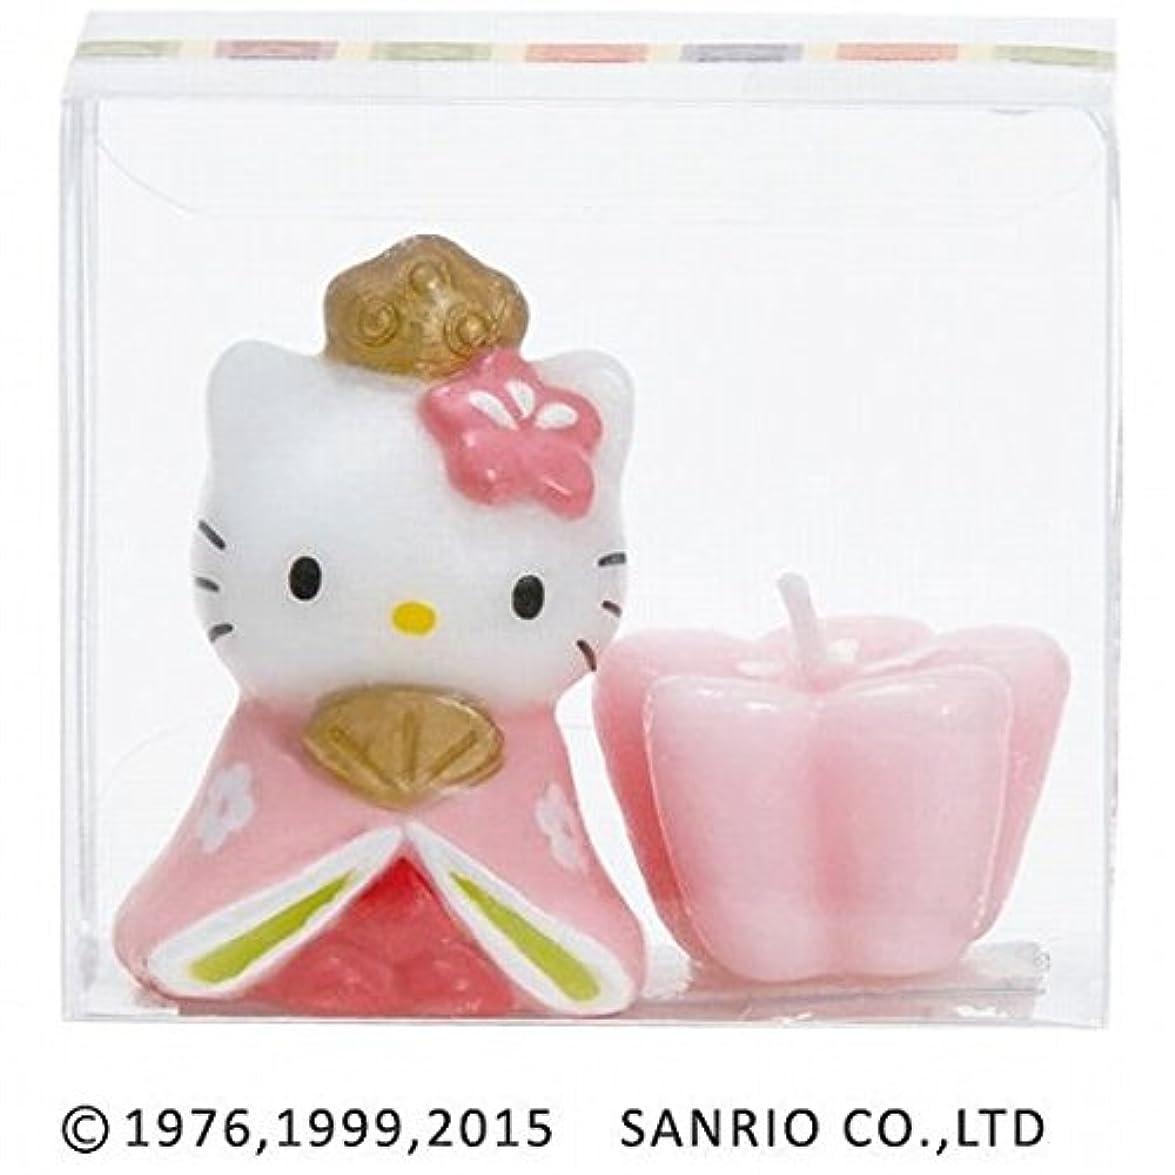 下るラリー反論者kameyama candle(カメヤマキャンドル) ハローキティひな祭りキャンドル 「 おひなさま 」(56270000)